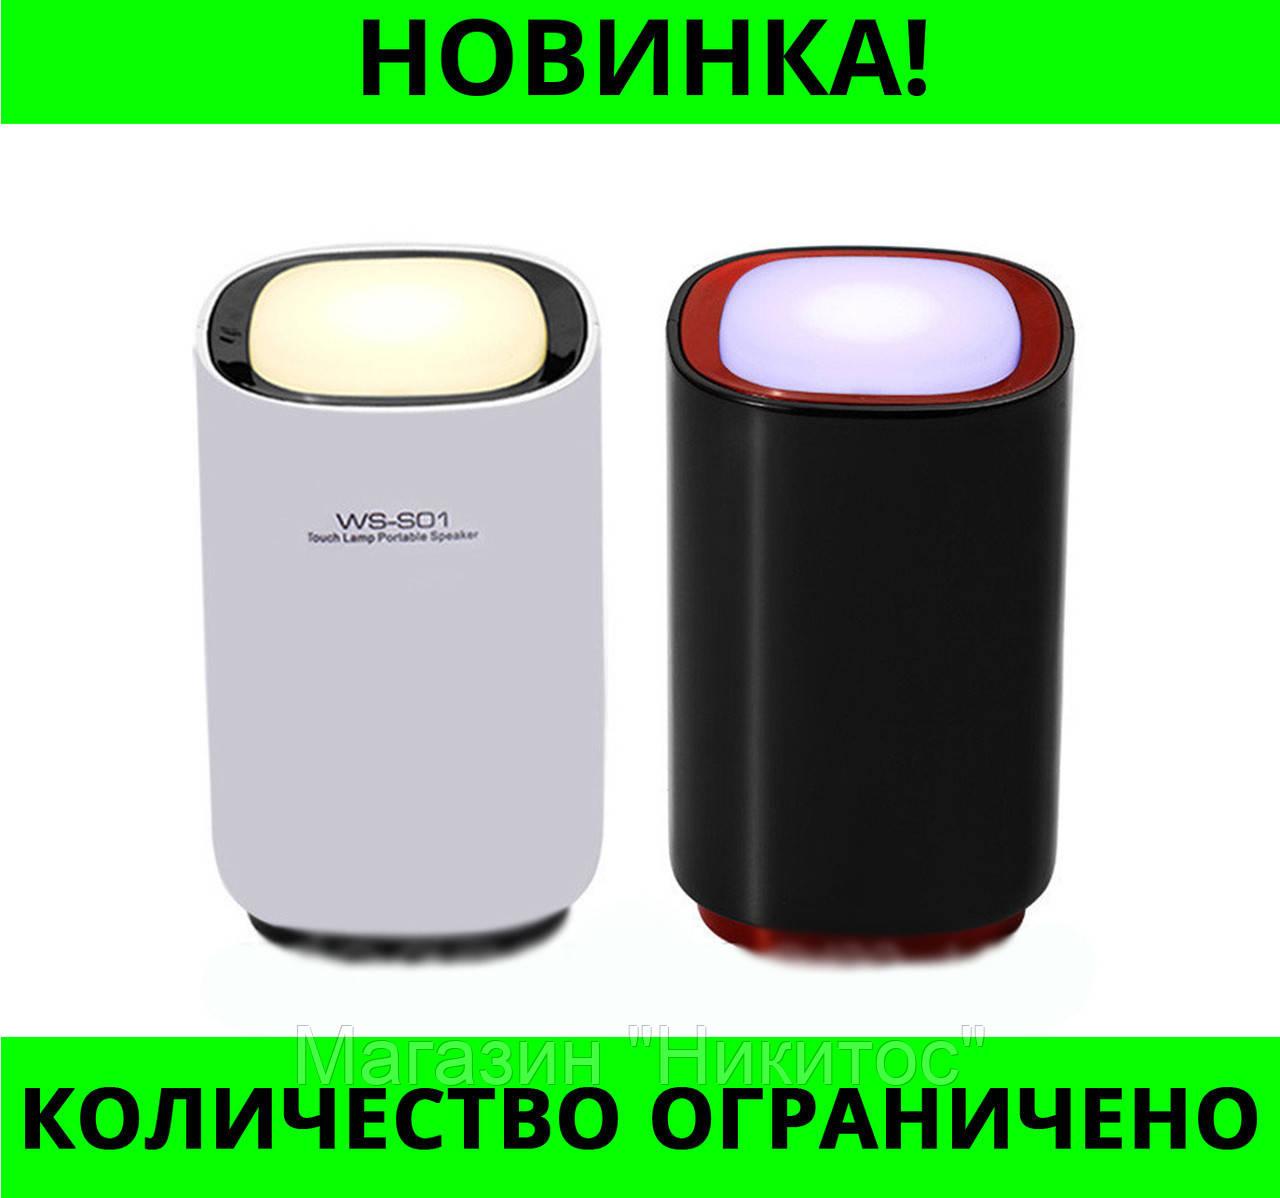 Портативная колонка Bluetooth WS-S01!Розница и Опт